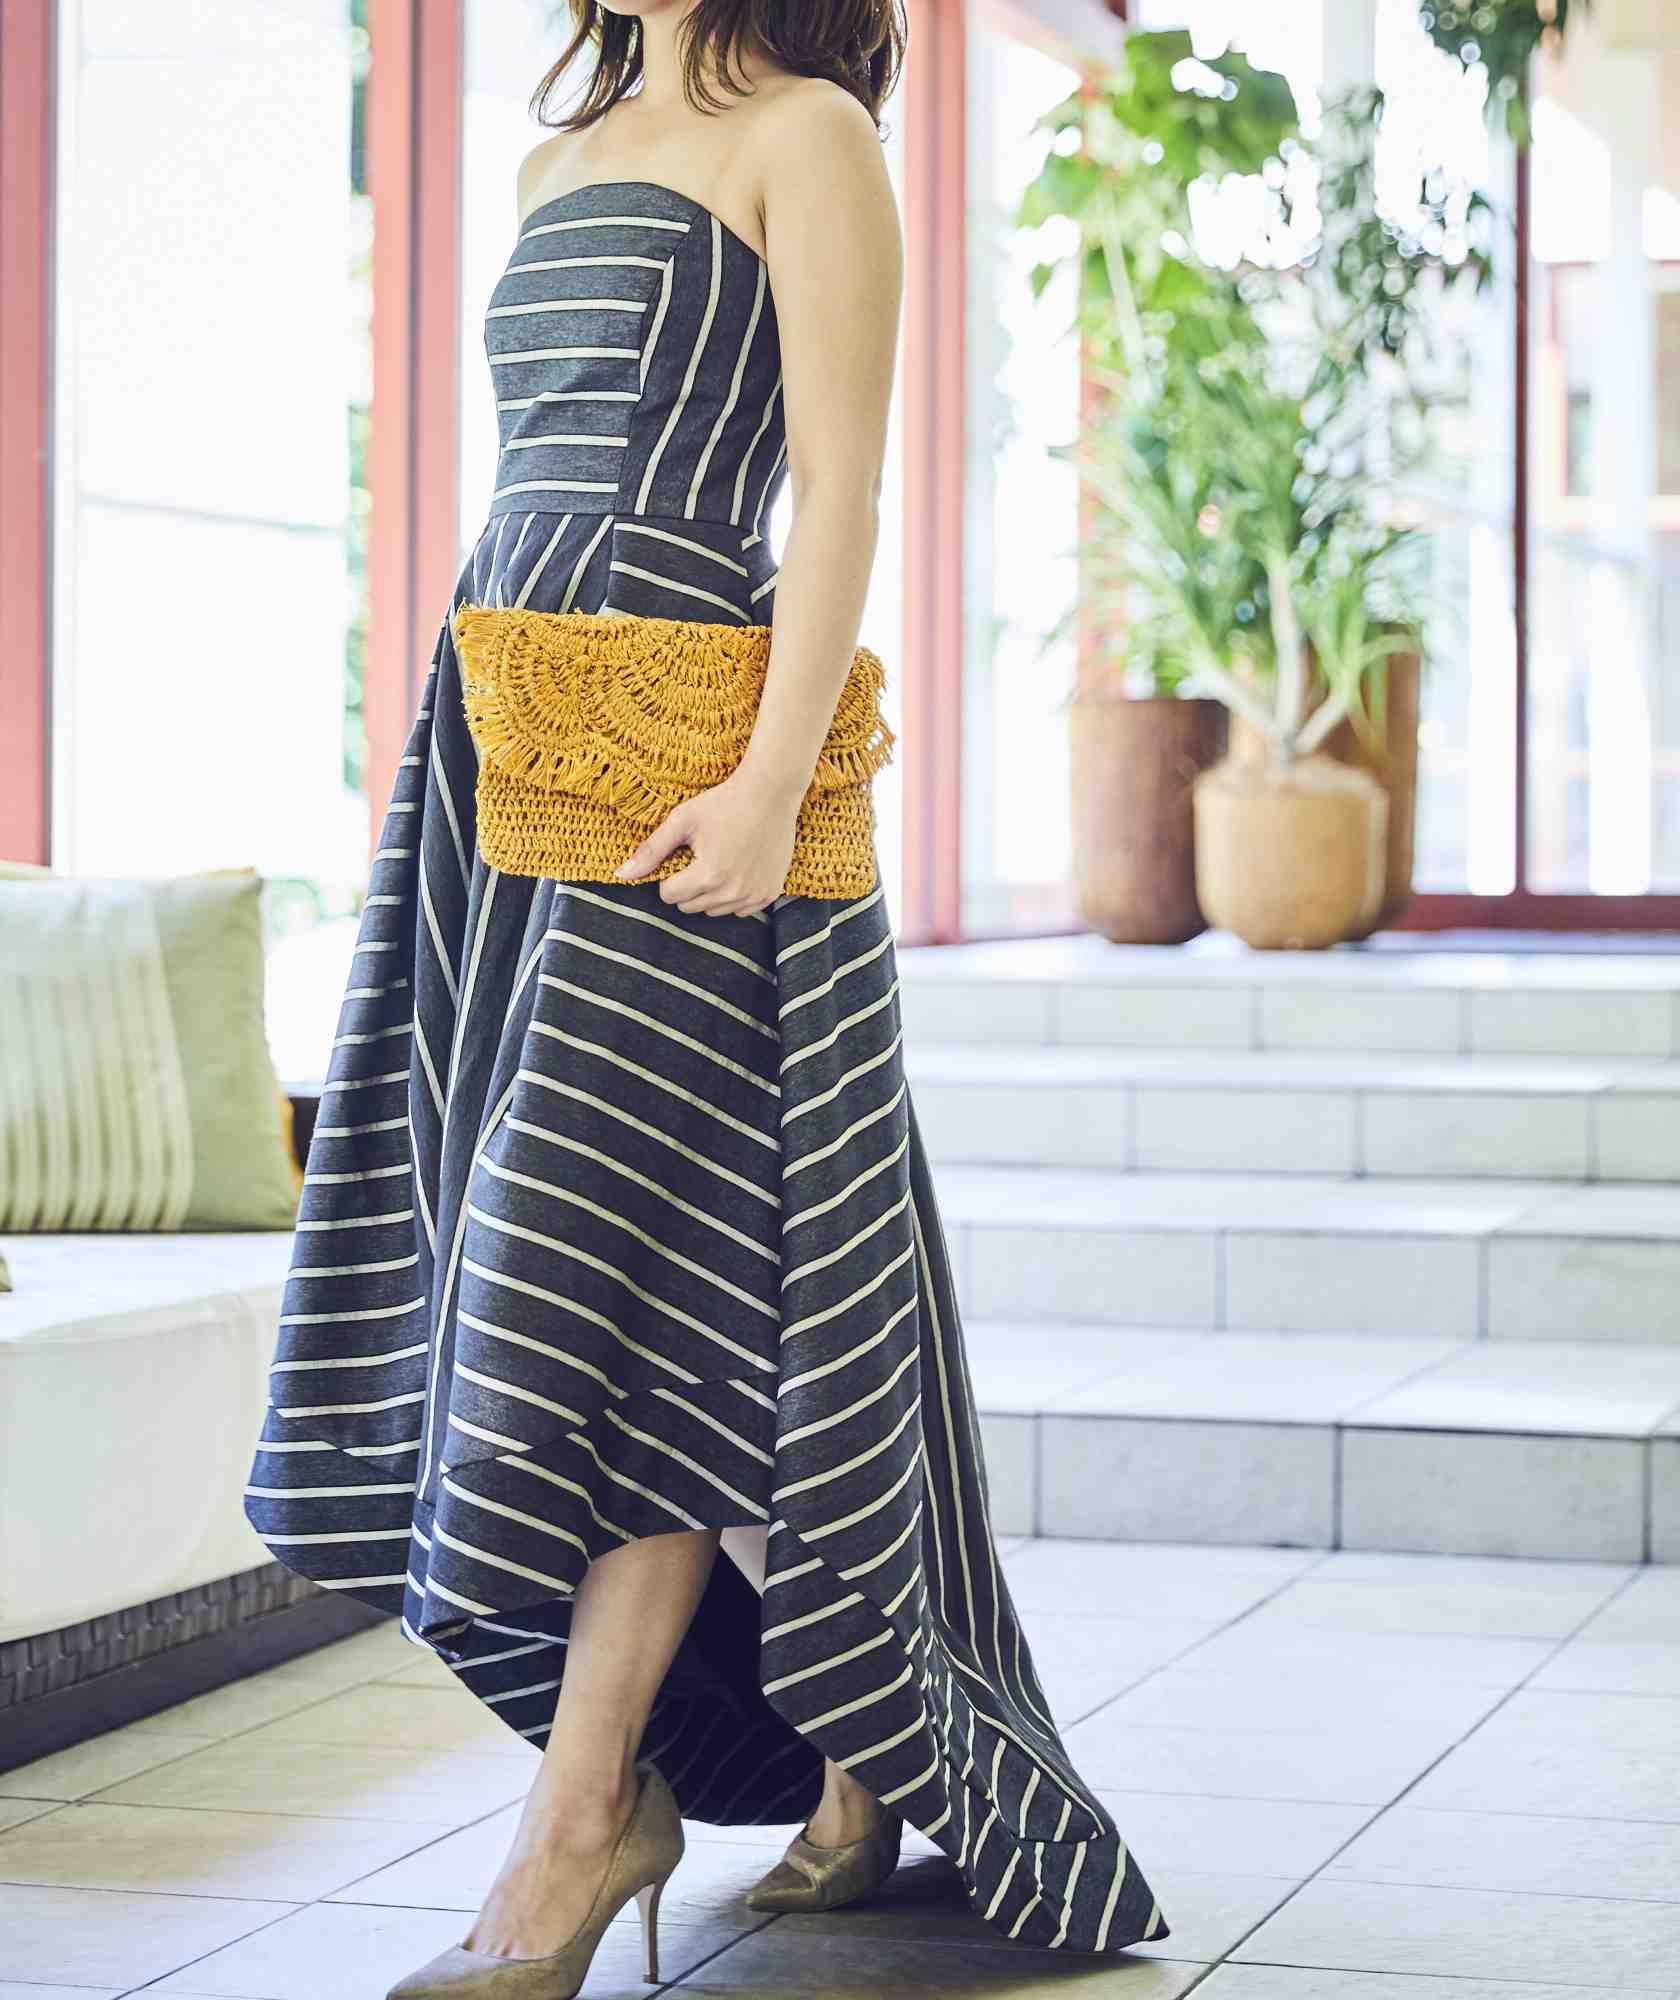 ボリュームラインカラーベアロングテールミディアムドレス-ブラック-XS